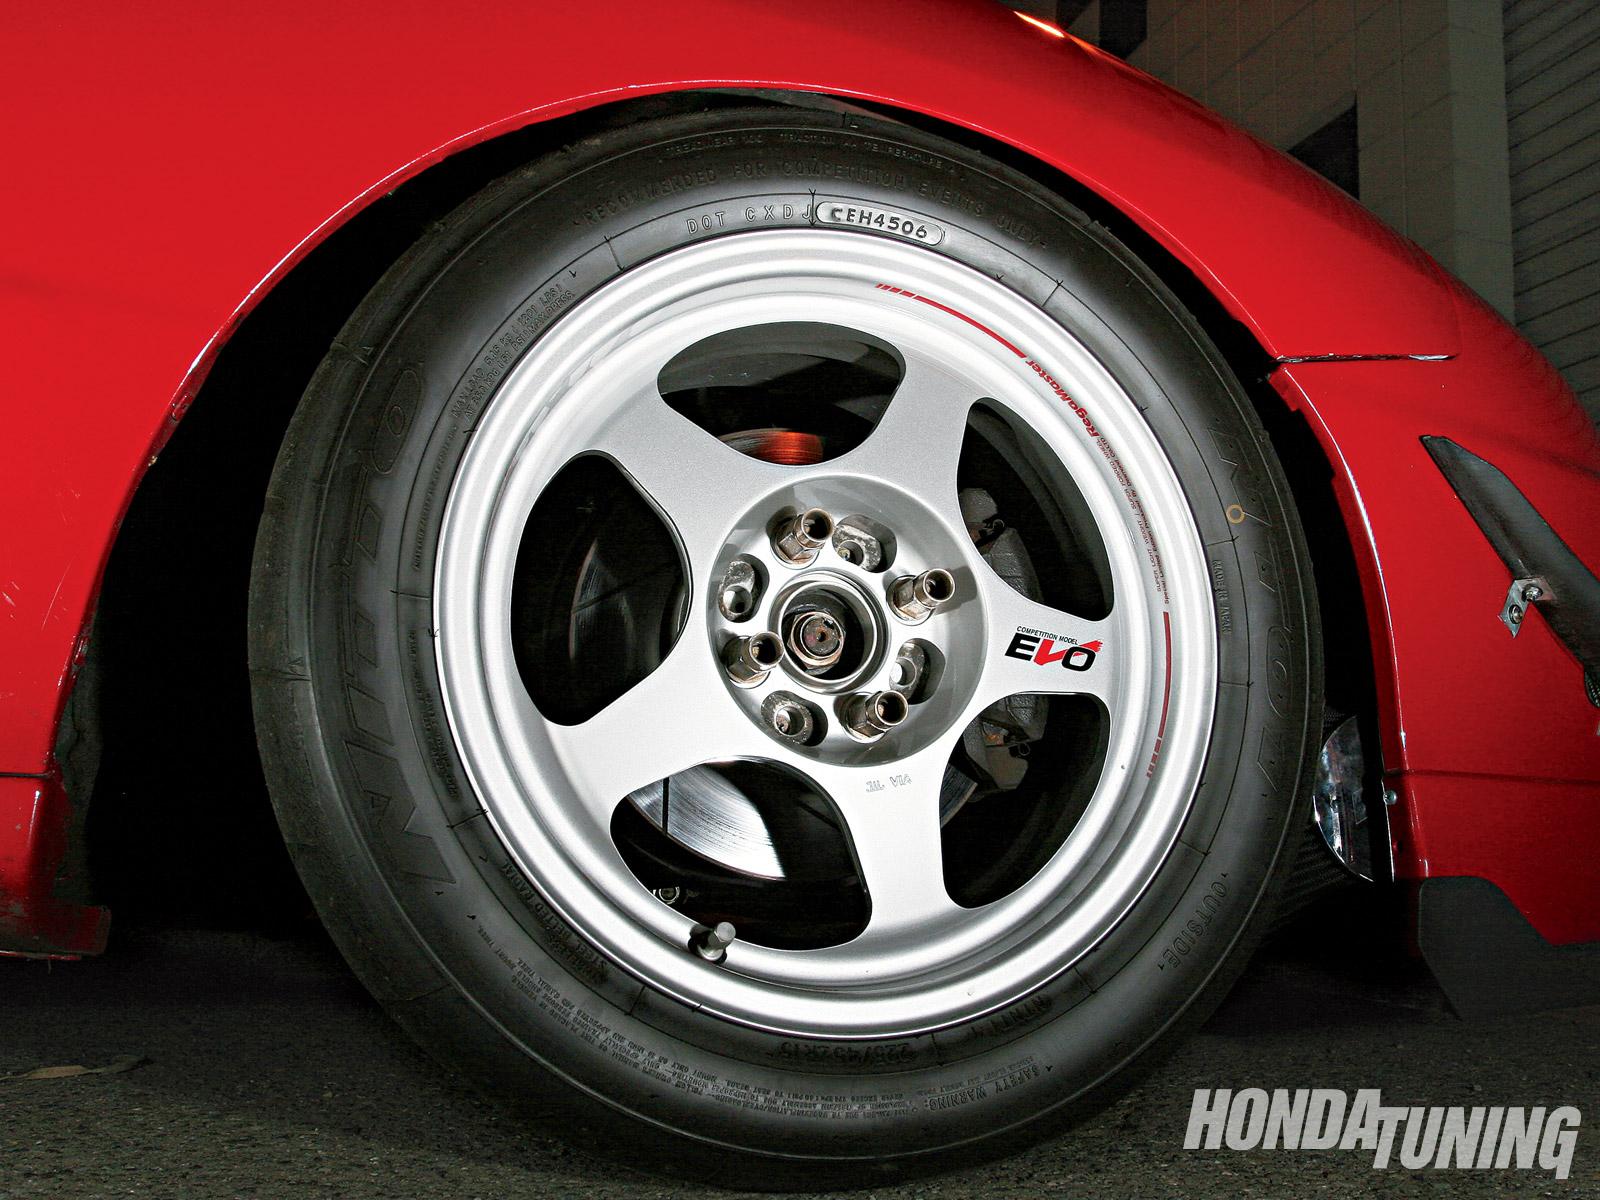 Red temptation: Honda Integra GS-R - Red temptation: Honda Integra GS-R